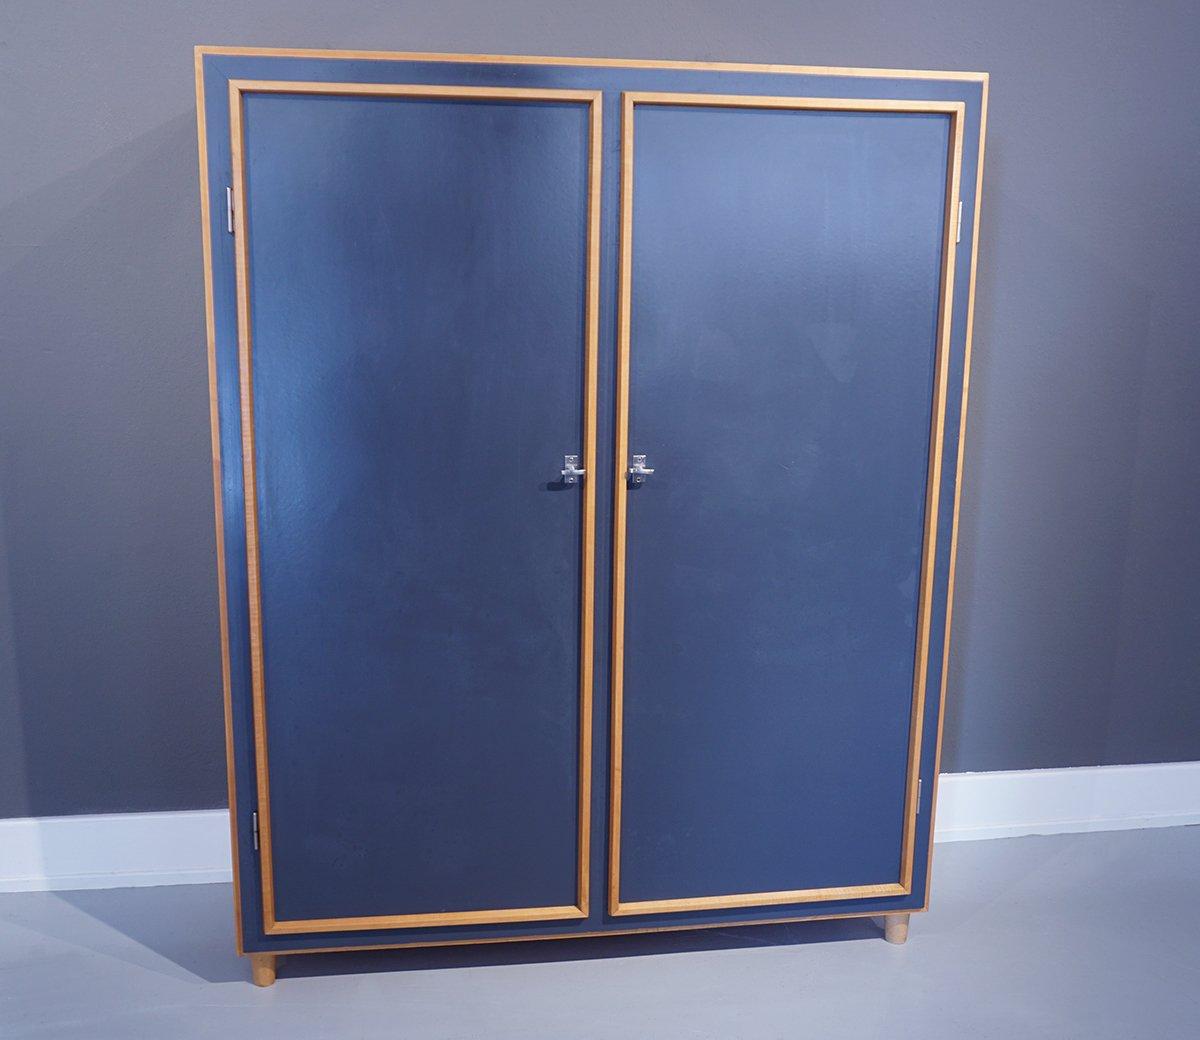 vintage pavatex kleiderschrank mit ausziehbarer kleiderstange von willy guhl bei pamono kaufen. Black Bedroom Furniture Sets. Home Design Ideas